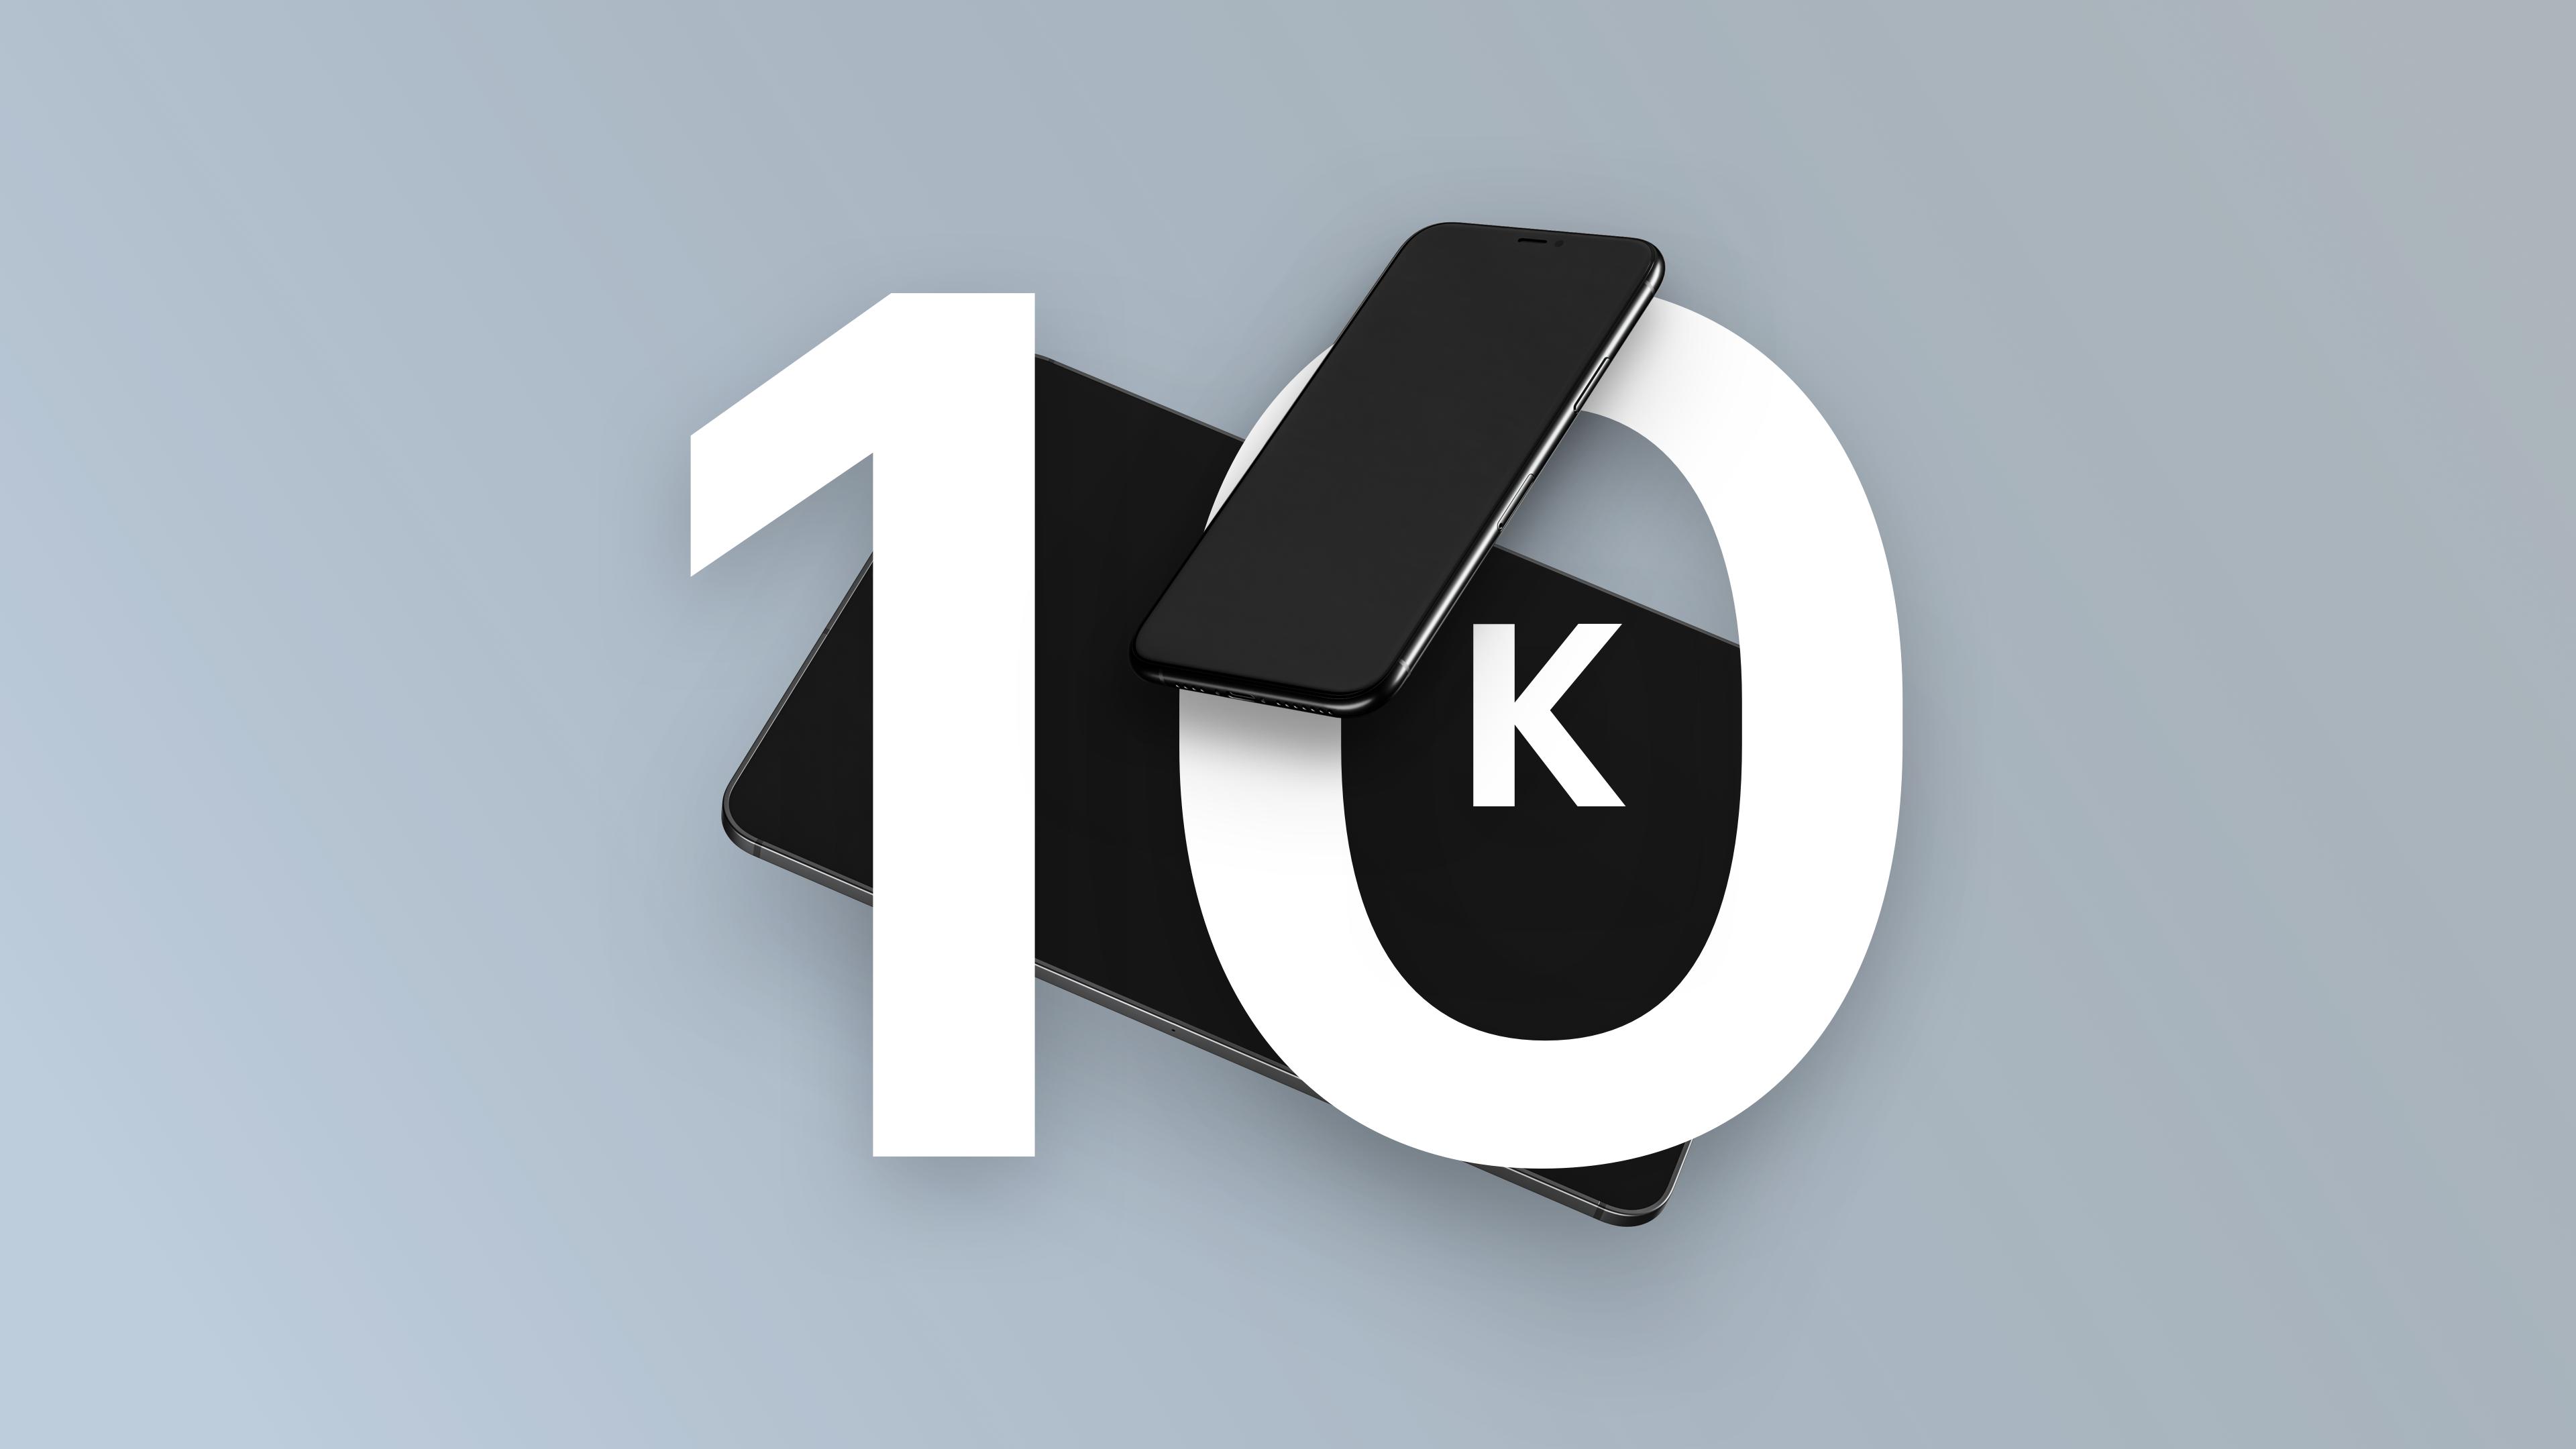 10K subsidie voor het digitaliseren van jouw organisatie.